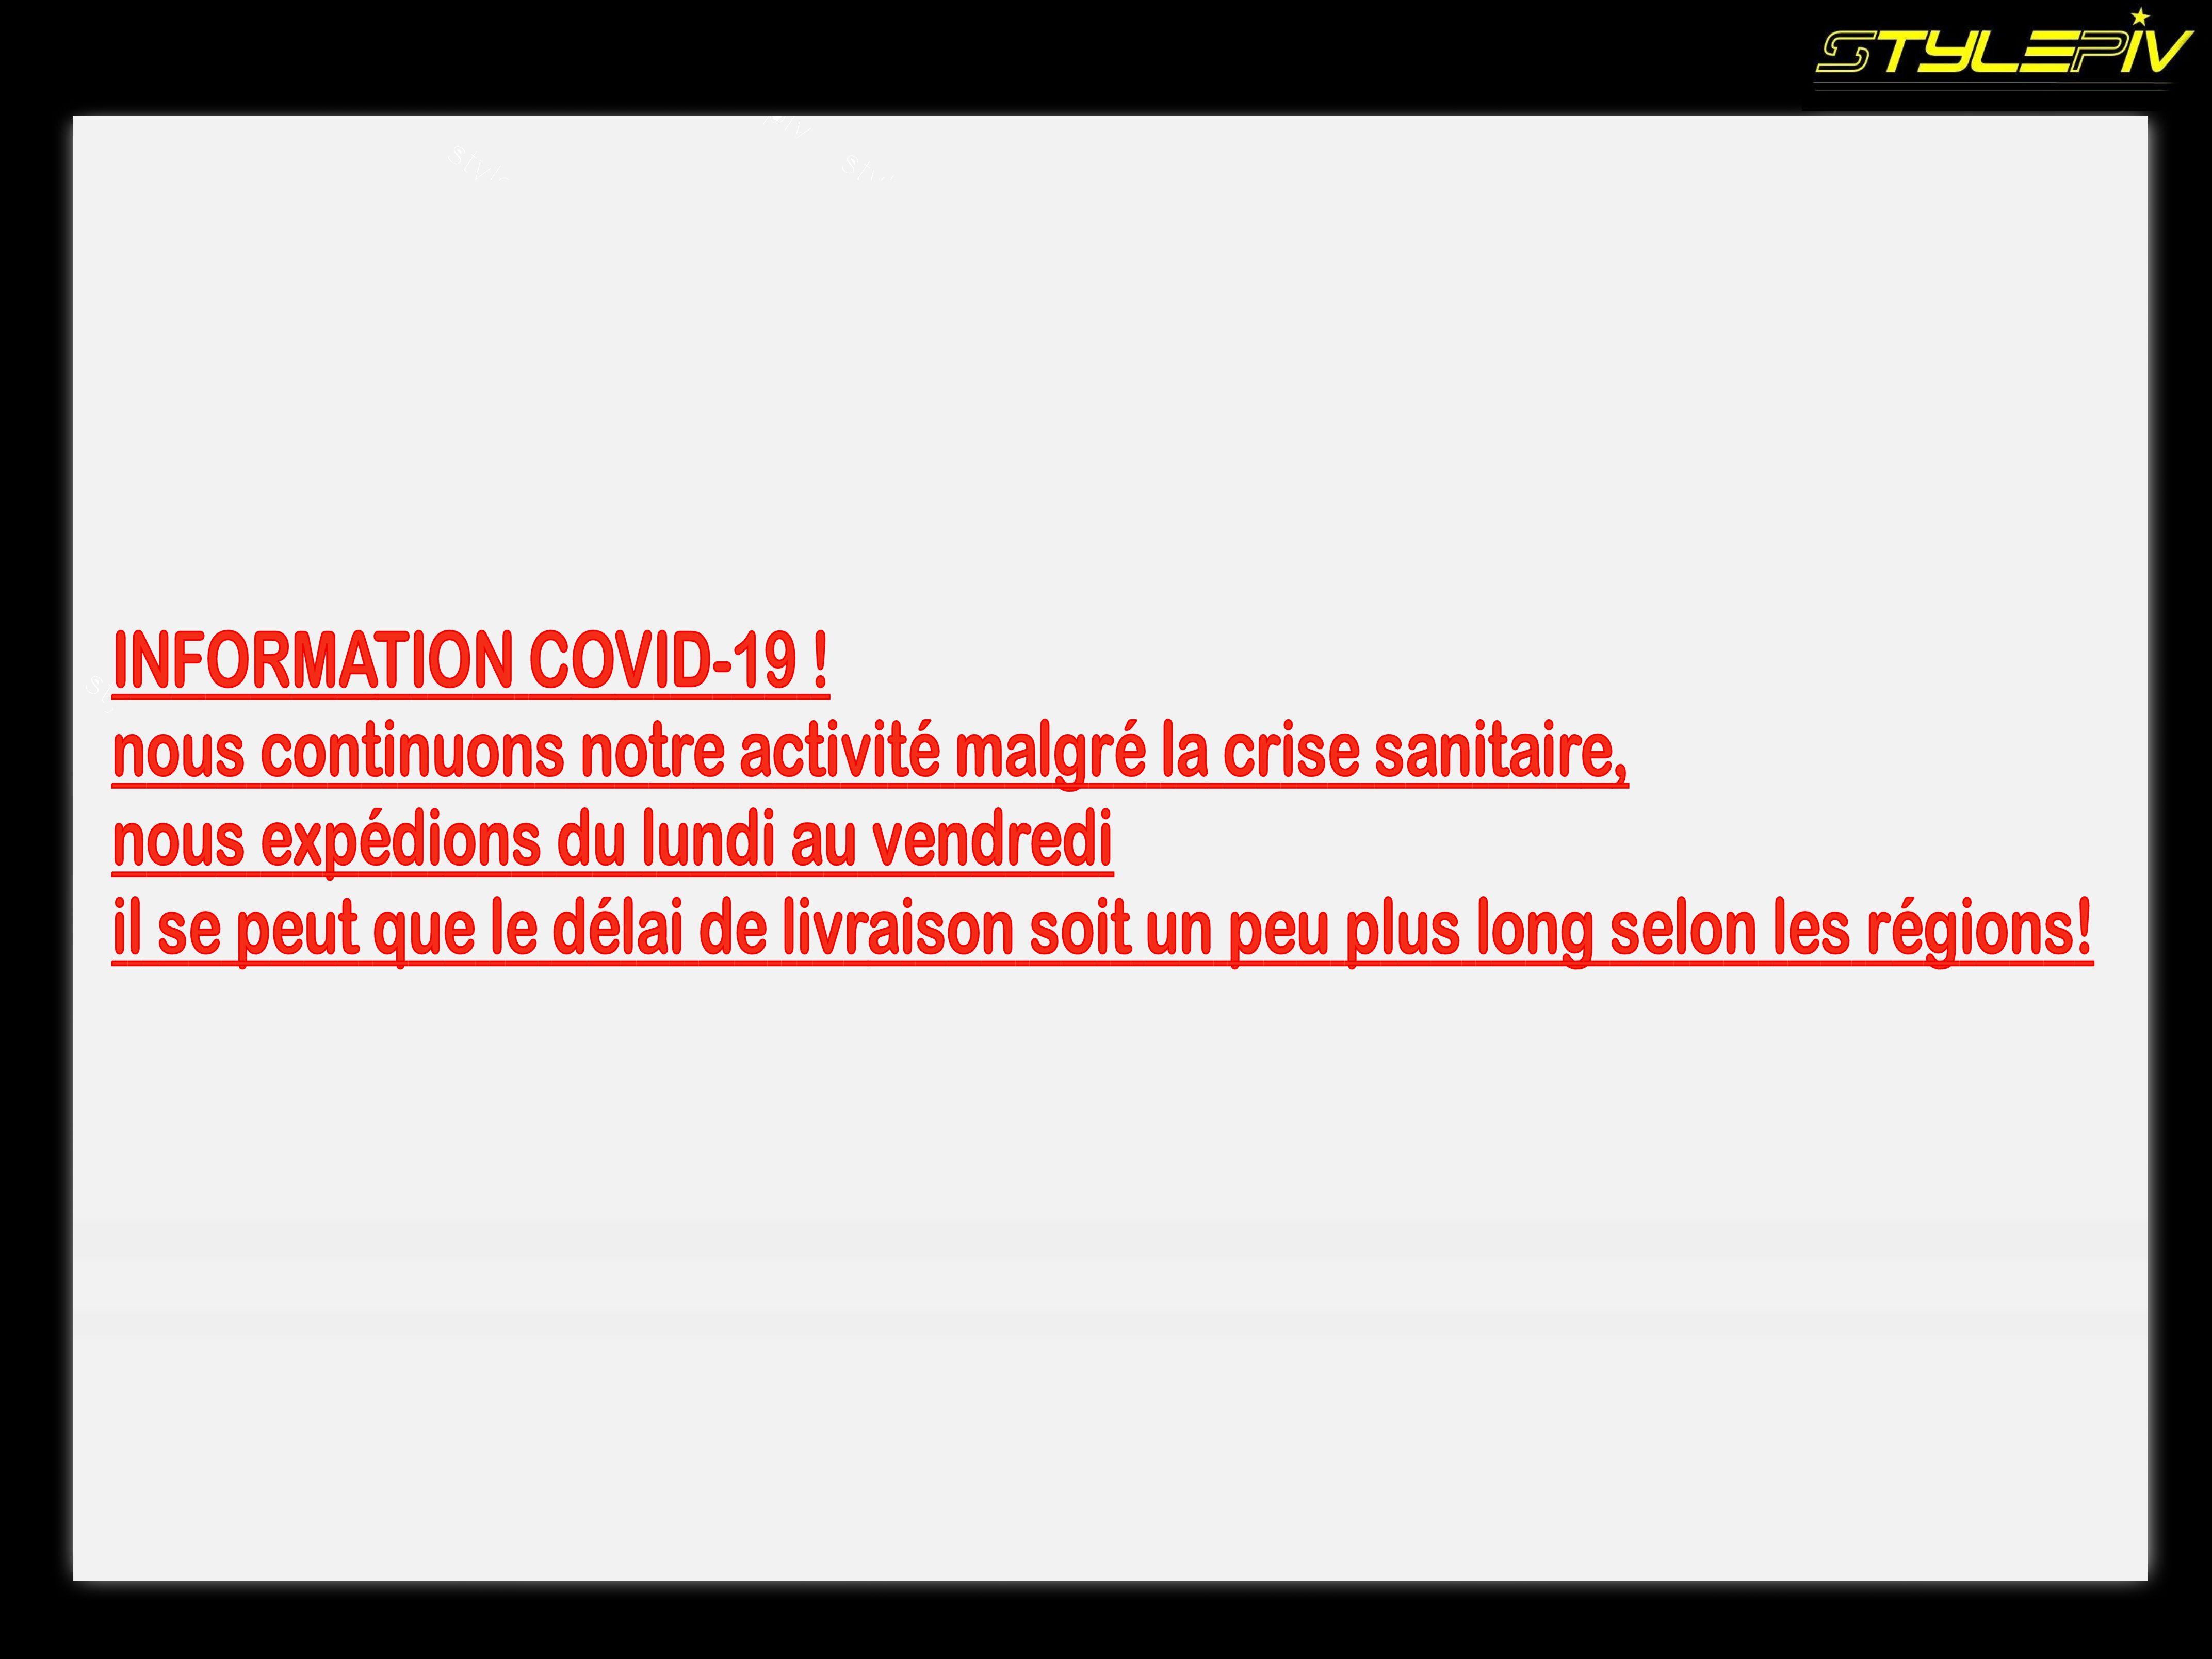 info cov-19